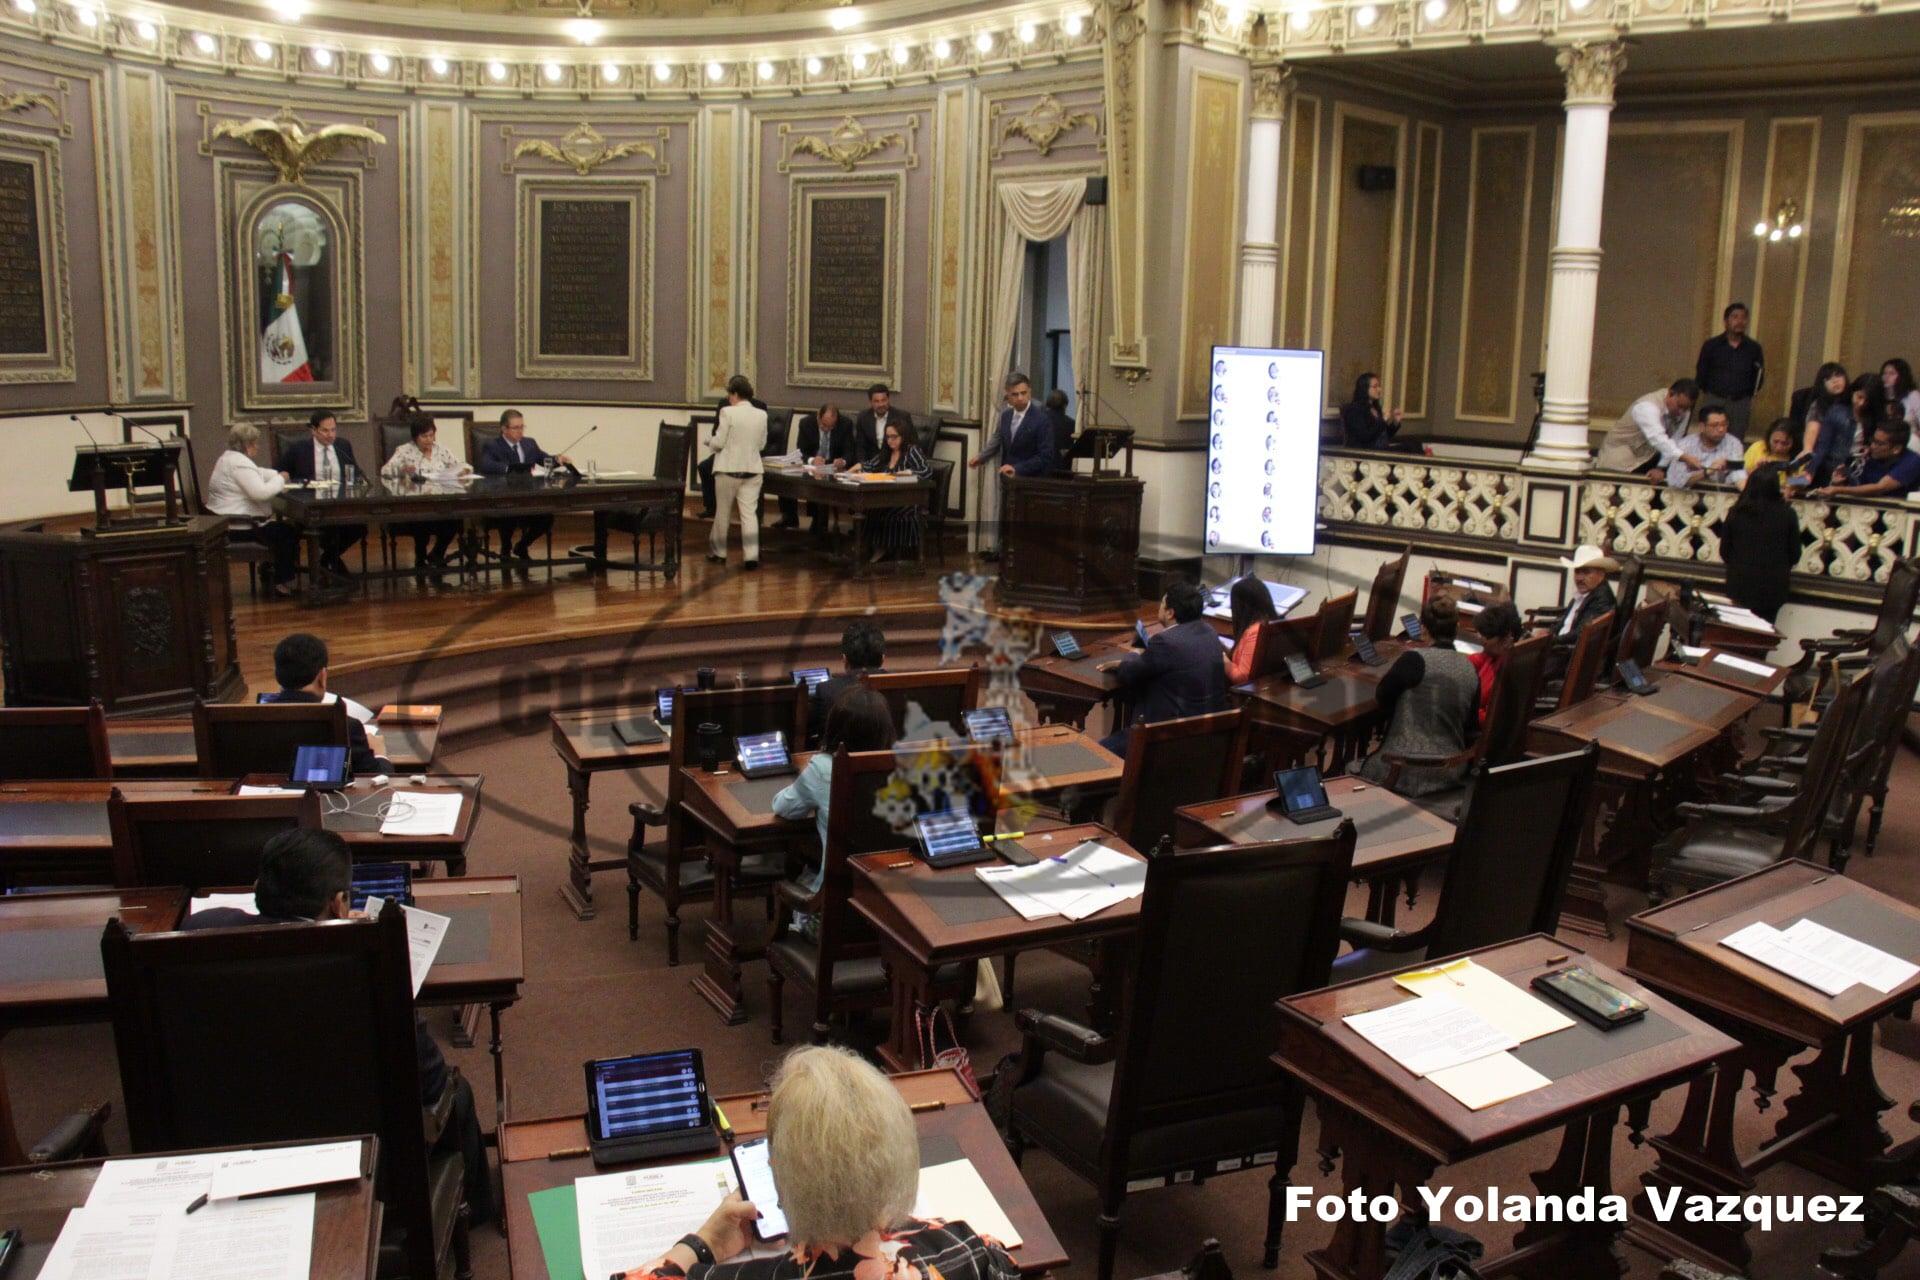 Por unanimidad Congreso apruebaMesa Directiva para el Siguiente Periodo de Sesiones que iniciara el 16 de marzo para concluir el 14 de septiembre